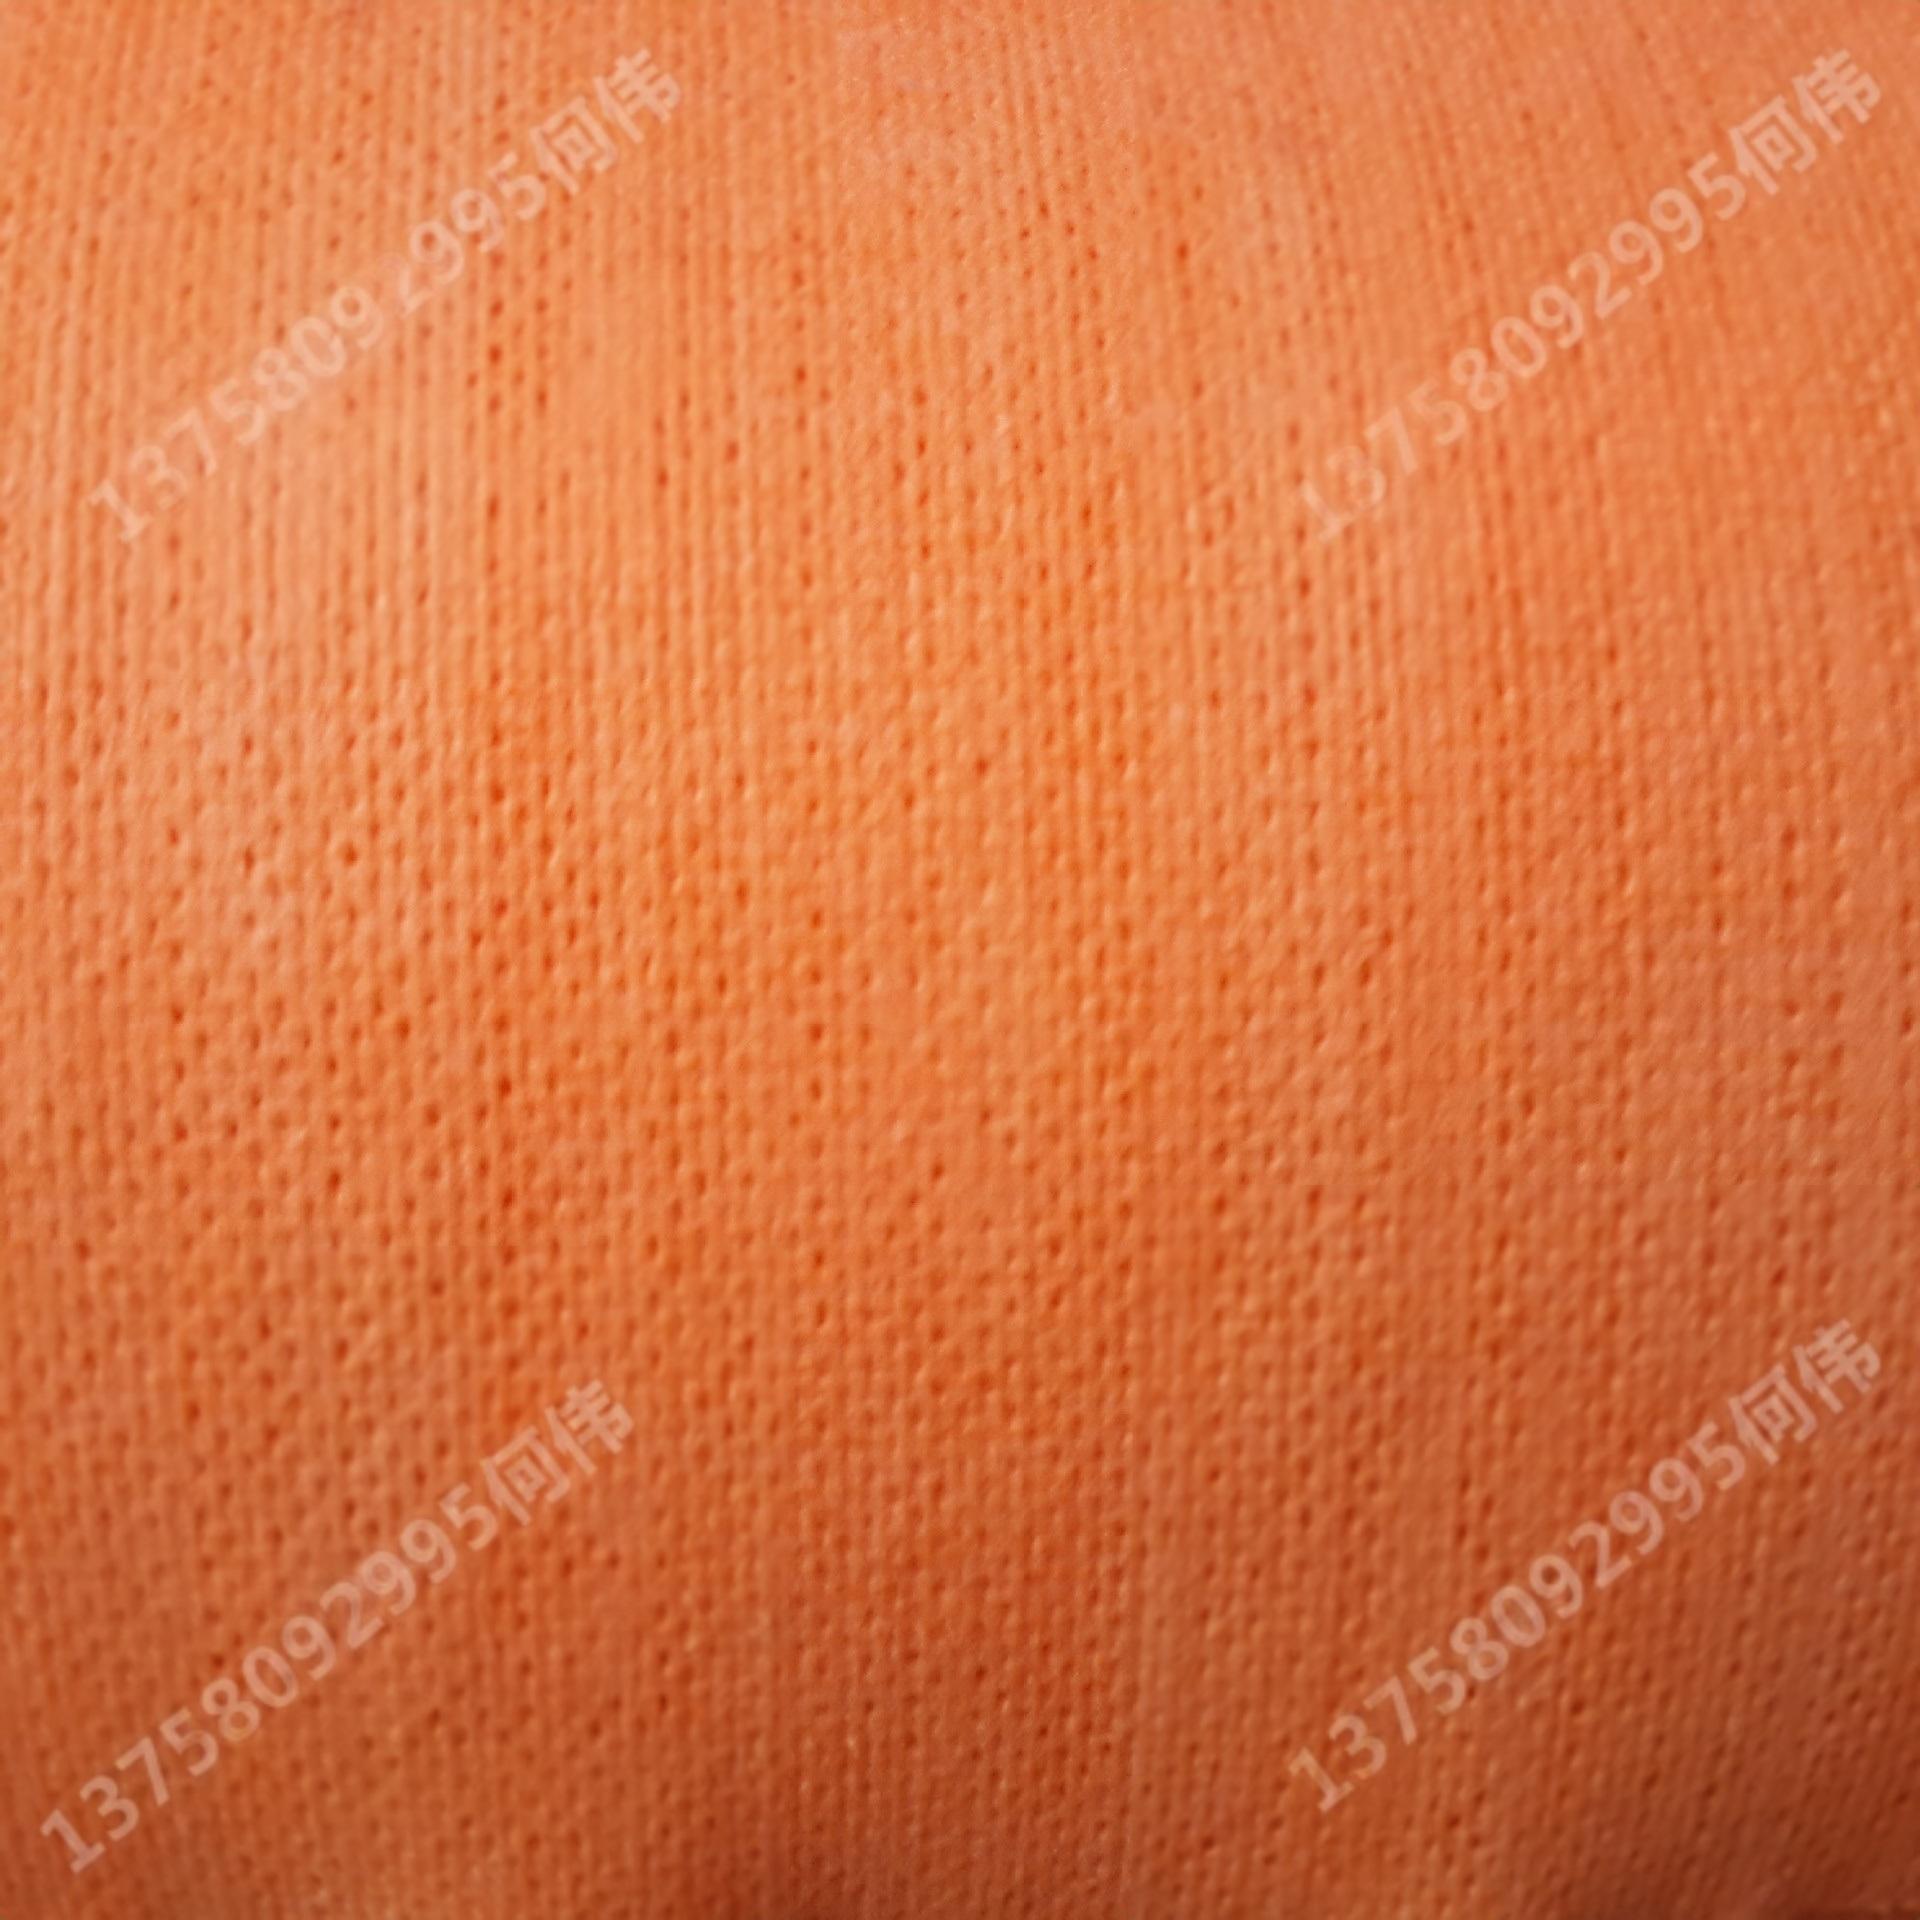 抗菌网孔水刺布